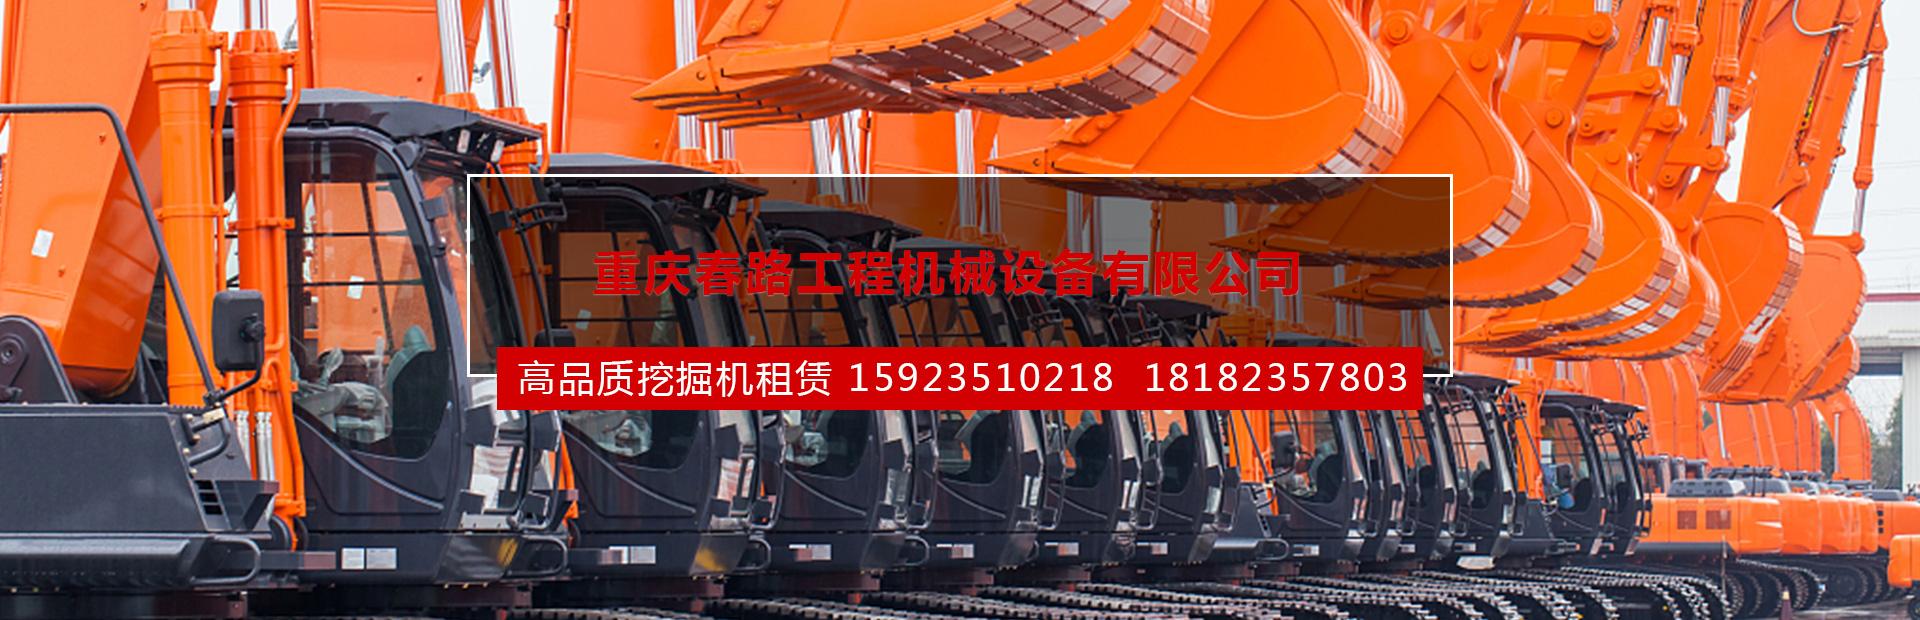 重庆挖掘机租赁